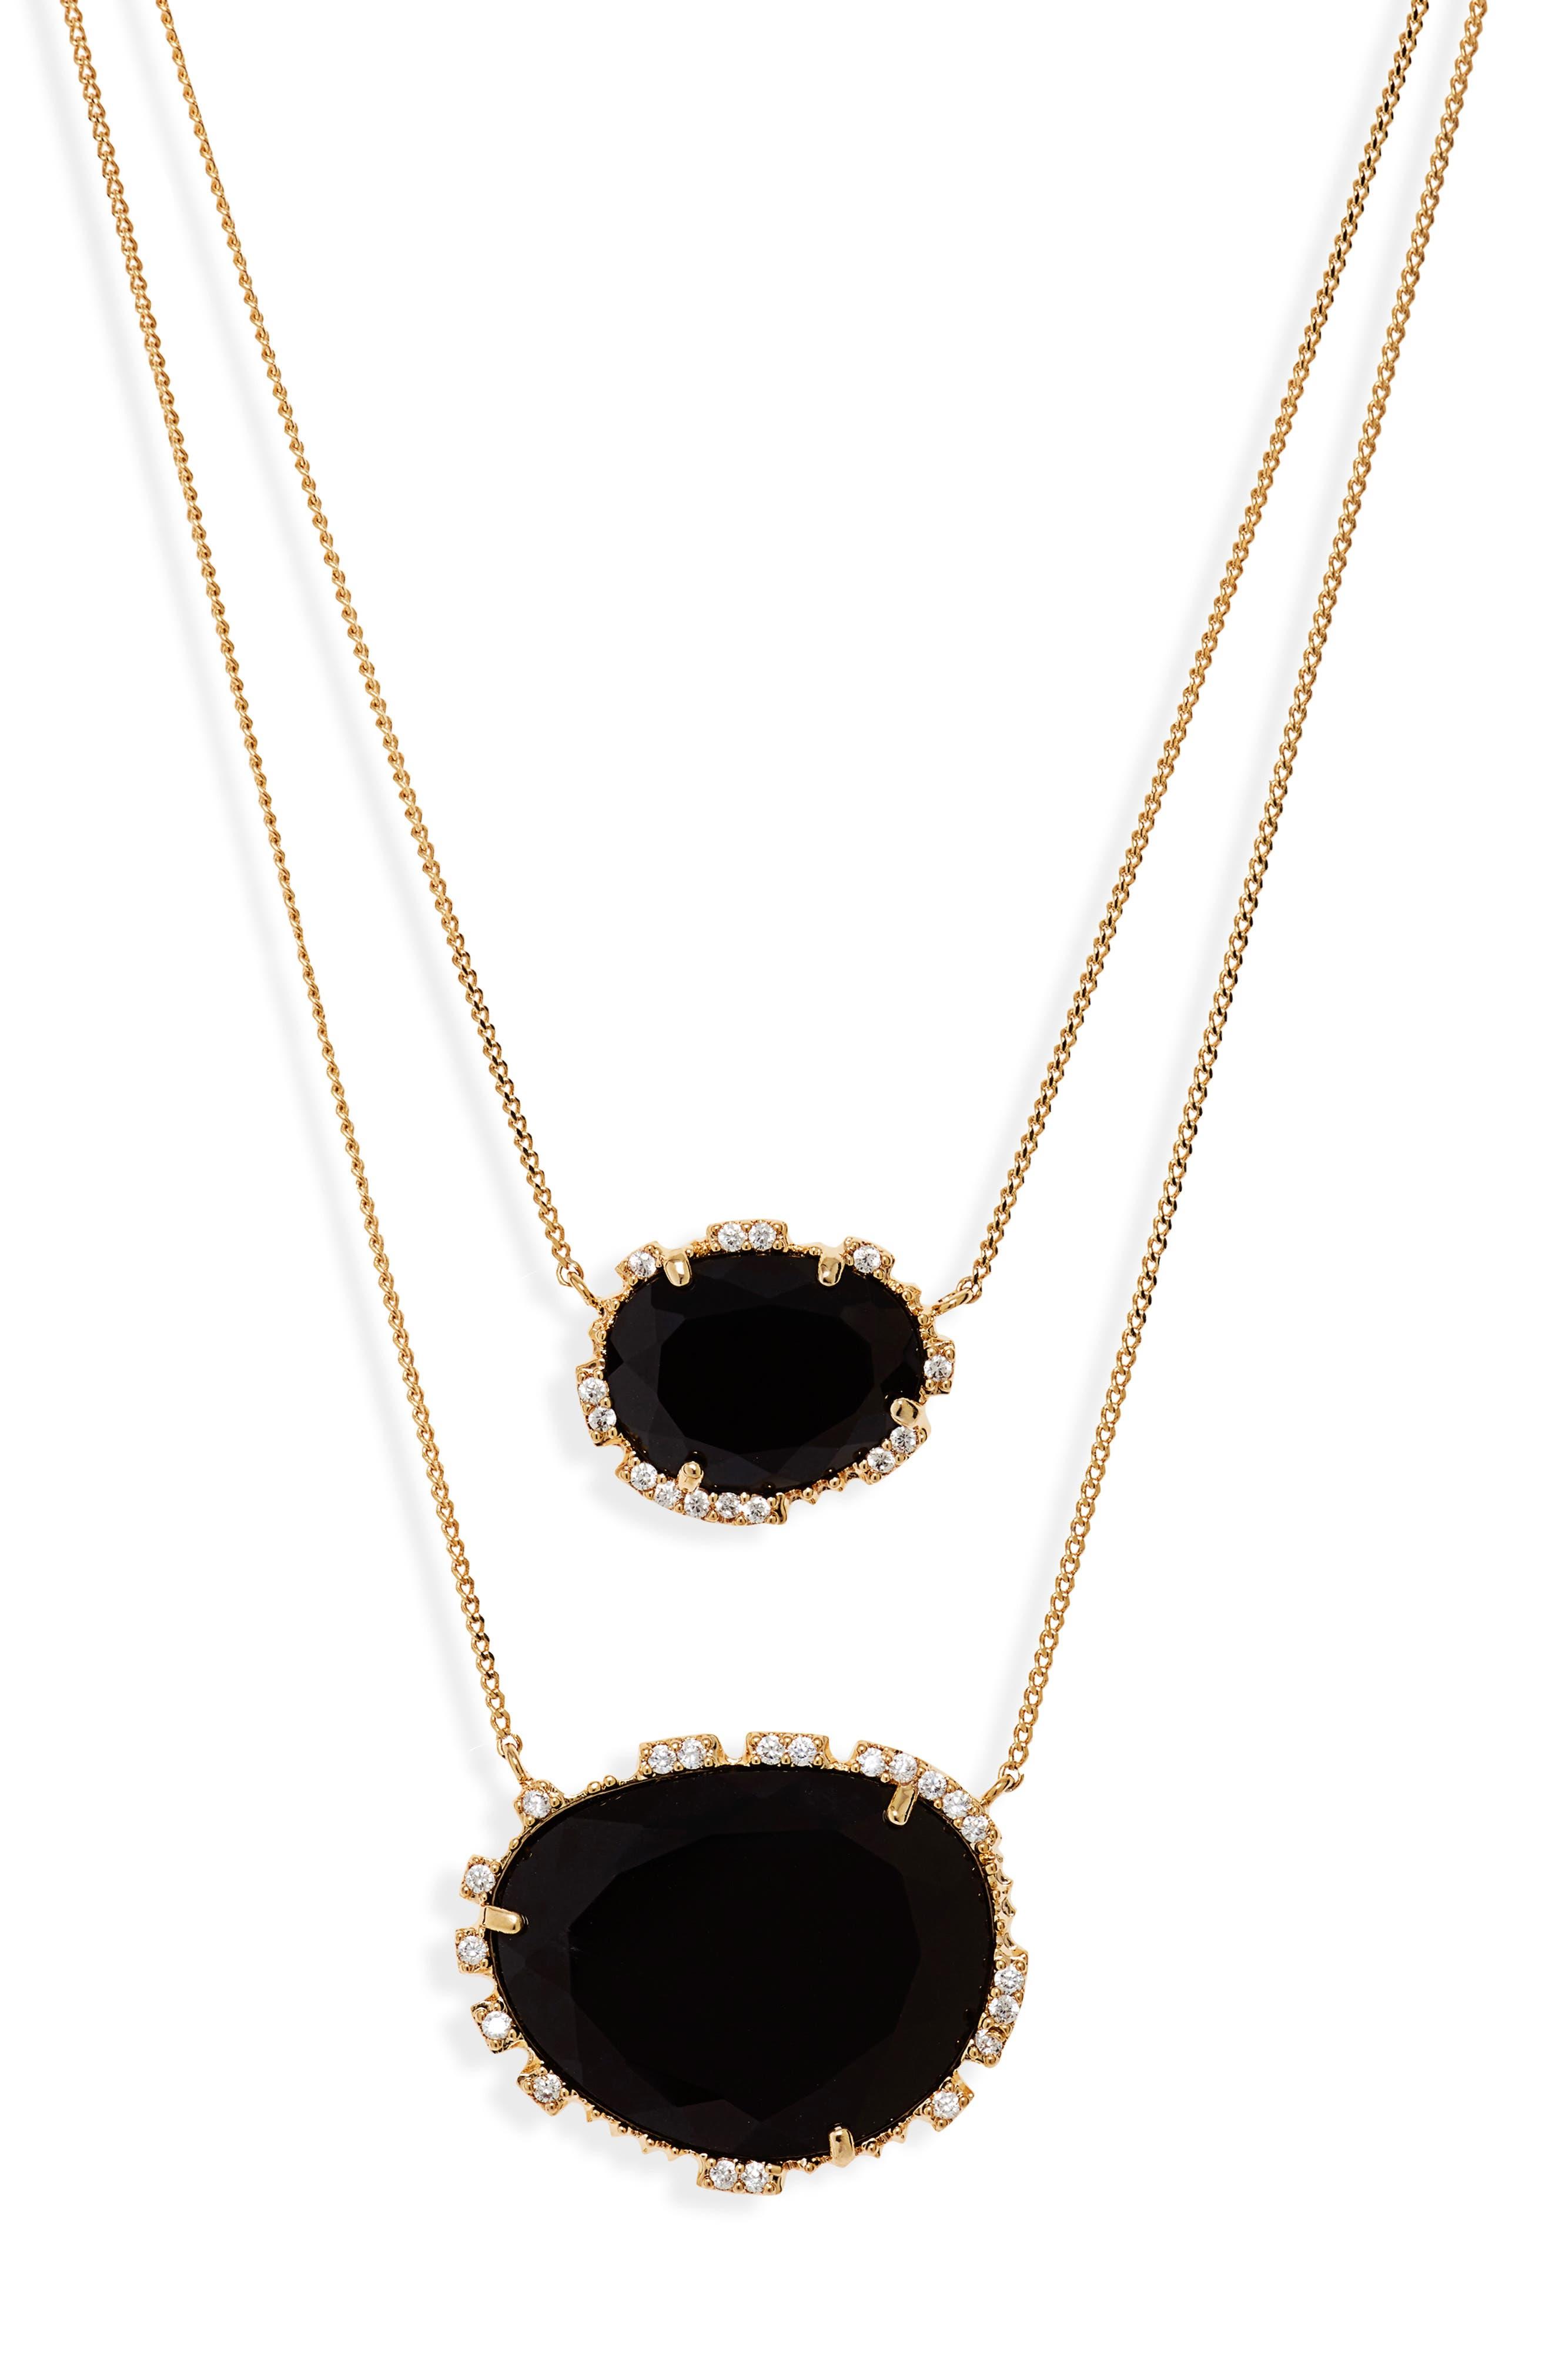 SEREFINA Double Stone Pendant Necklace in Black